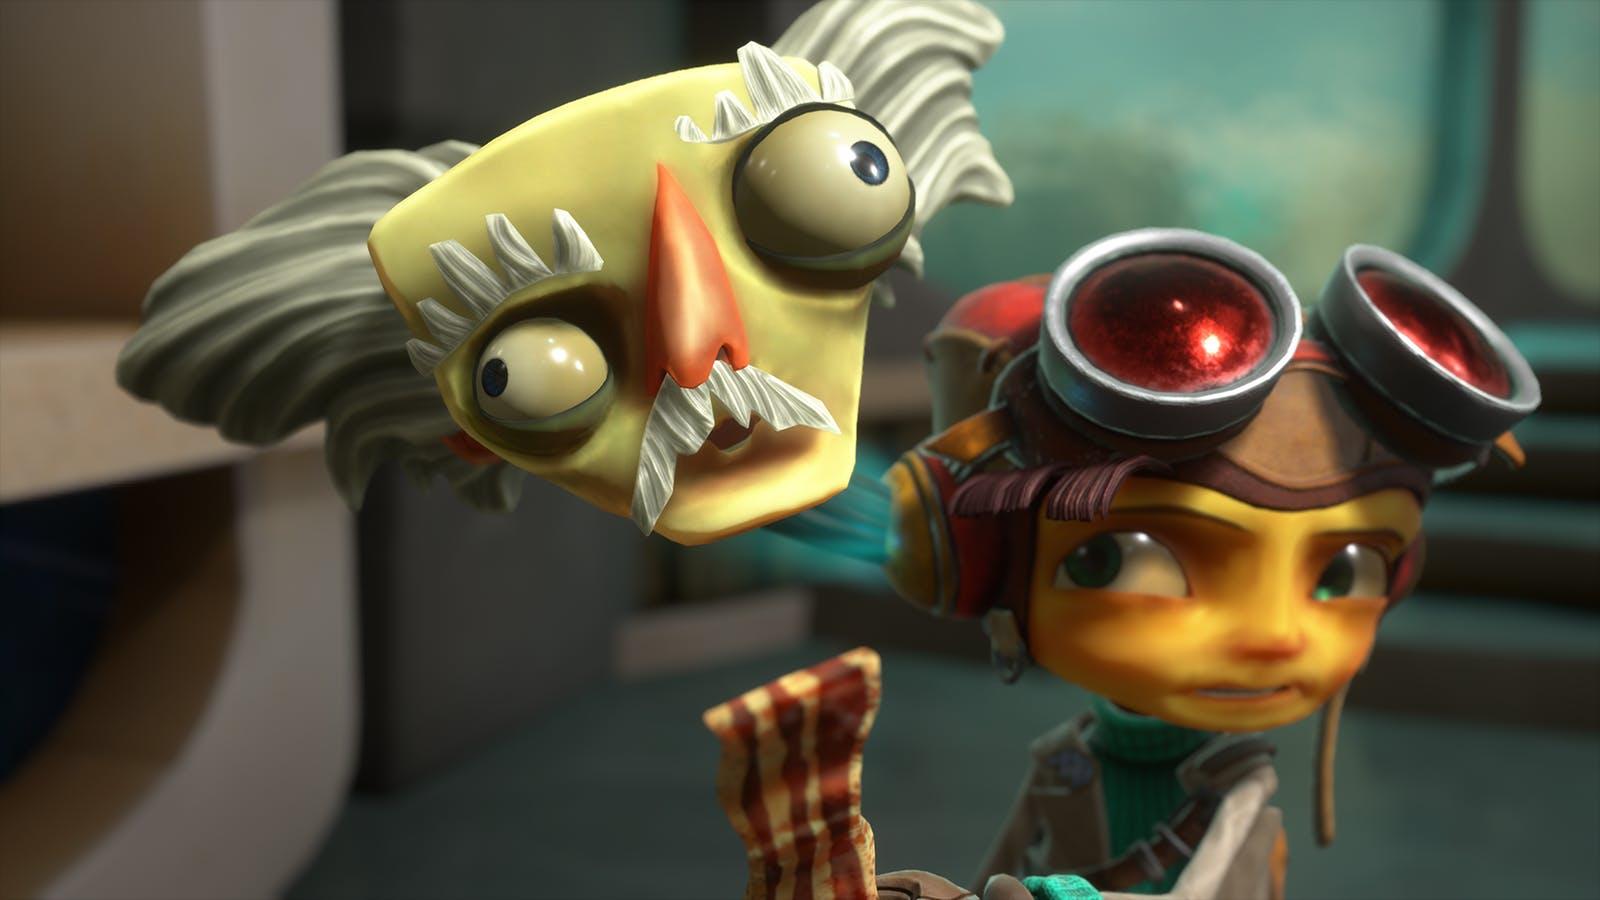 Psychonautes 2 retardés jusqu'en 2020, toujours sur PS4